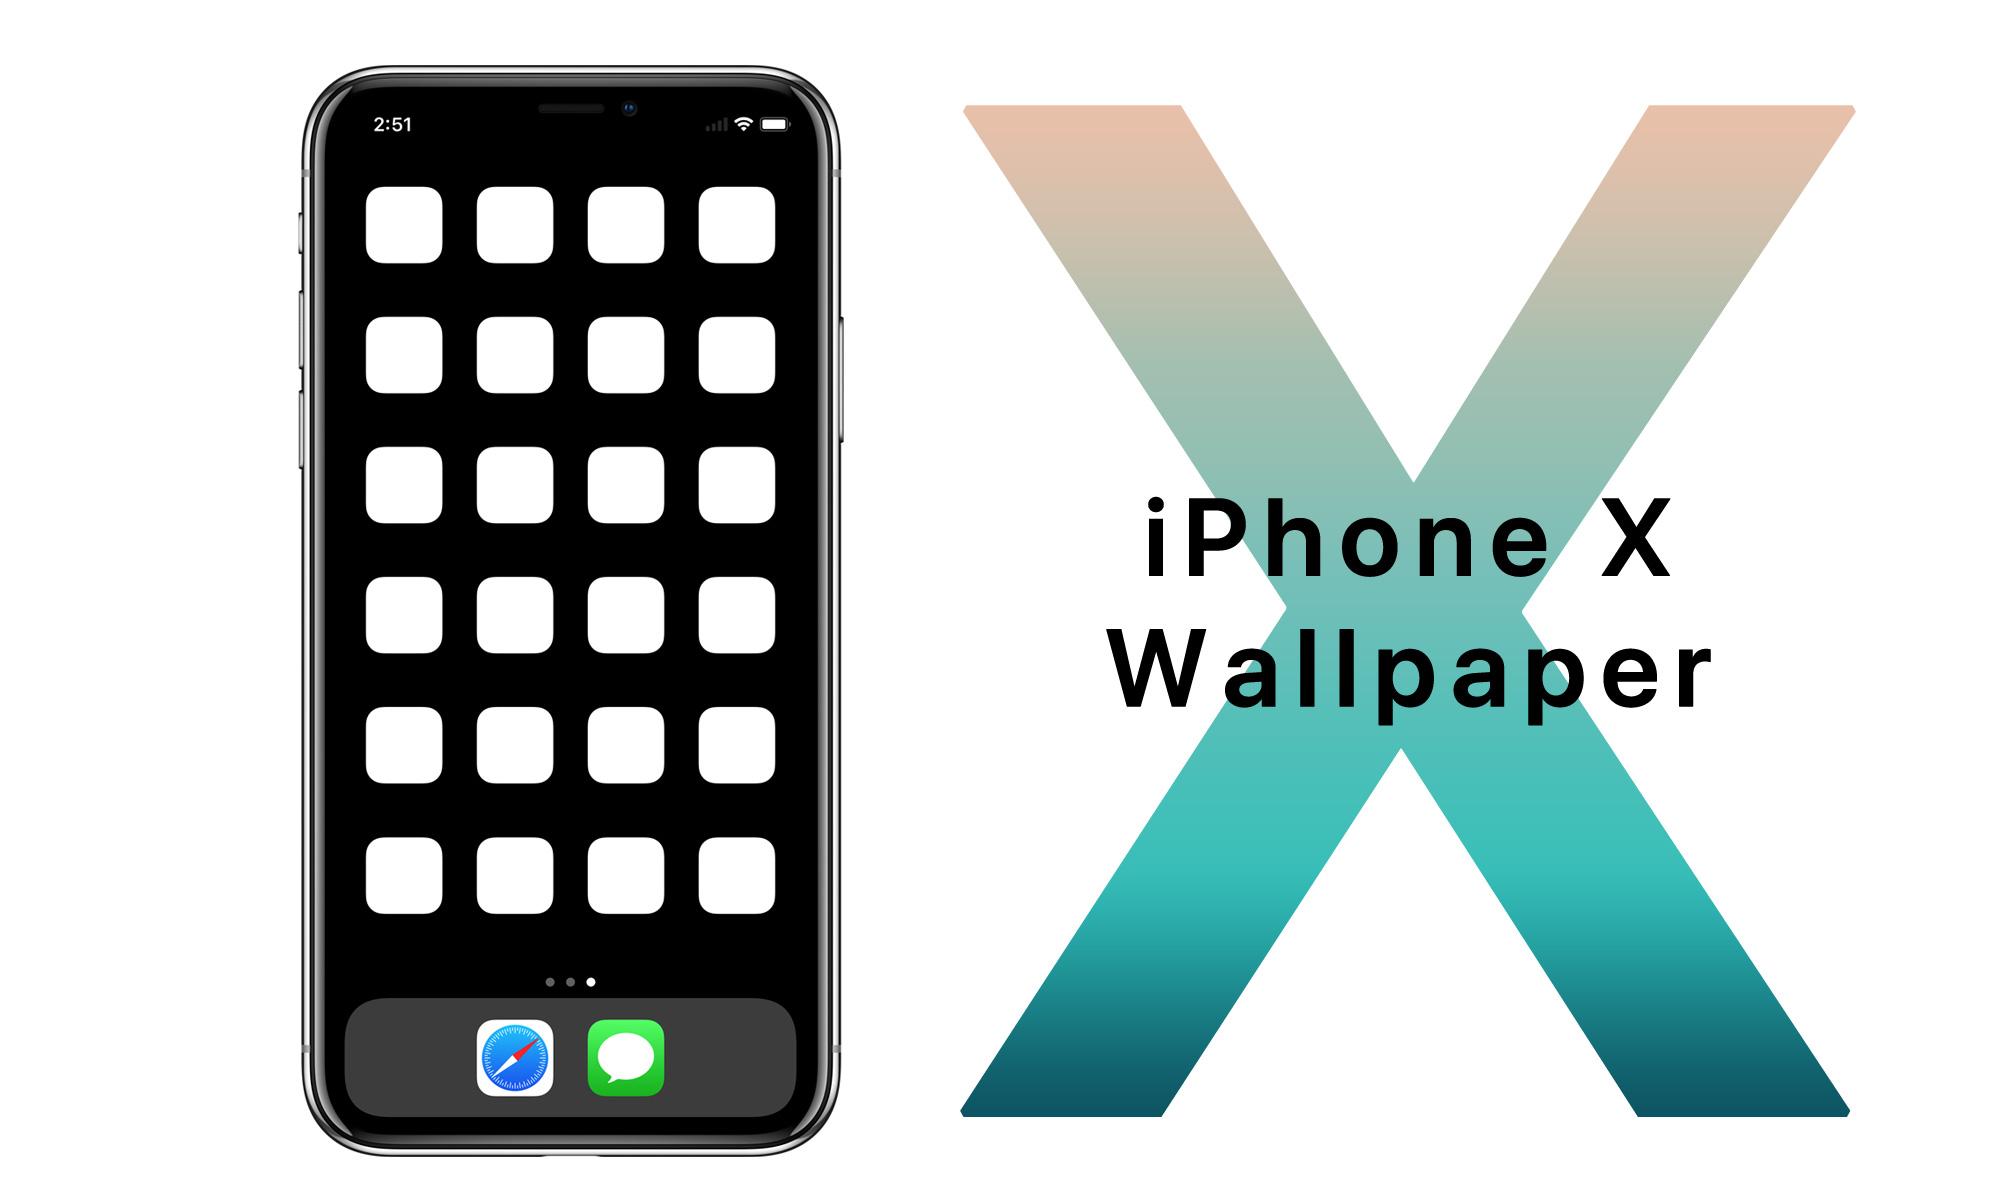 iPhone X壁紙できました。